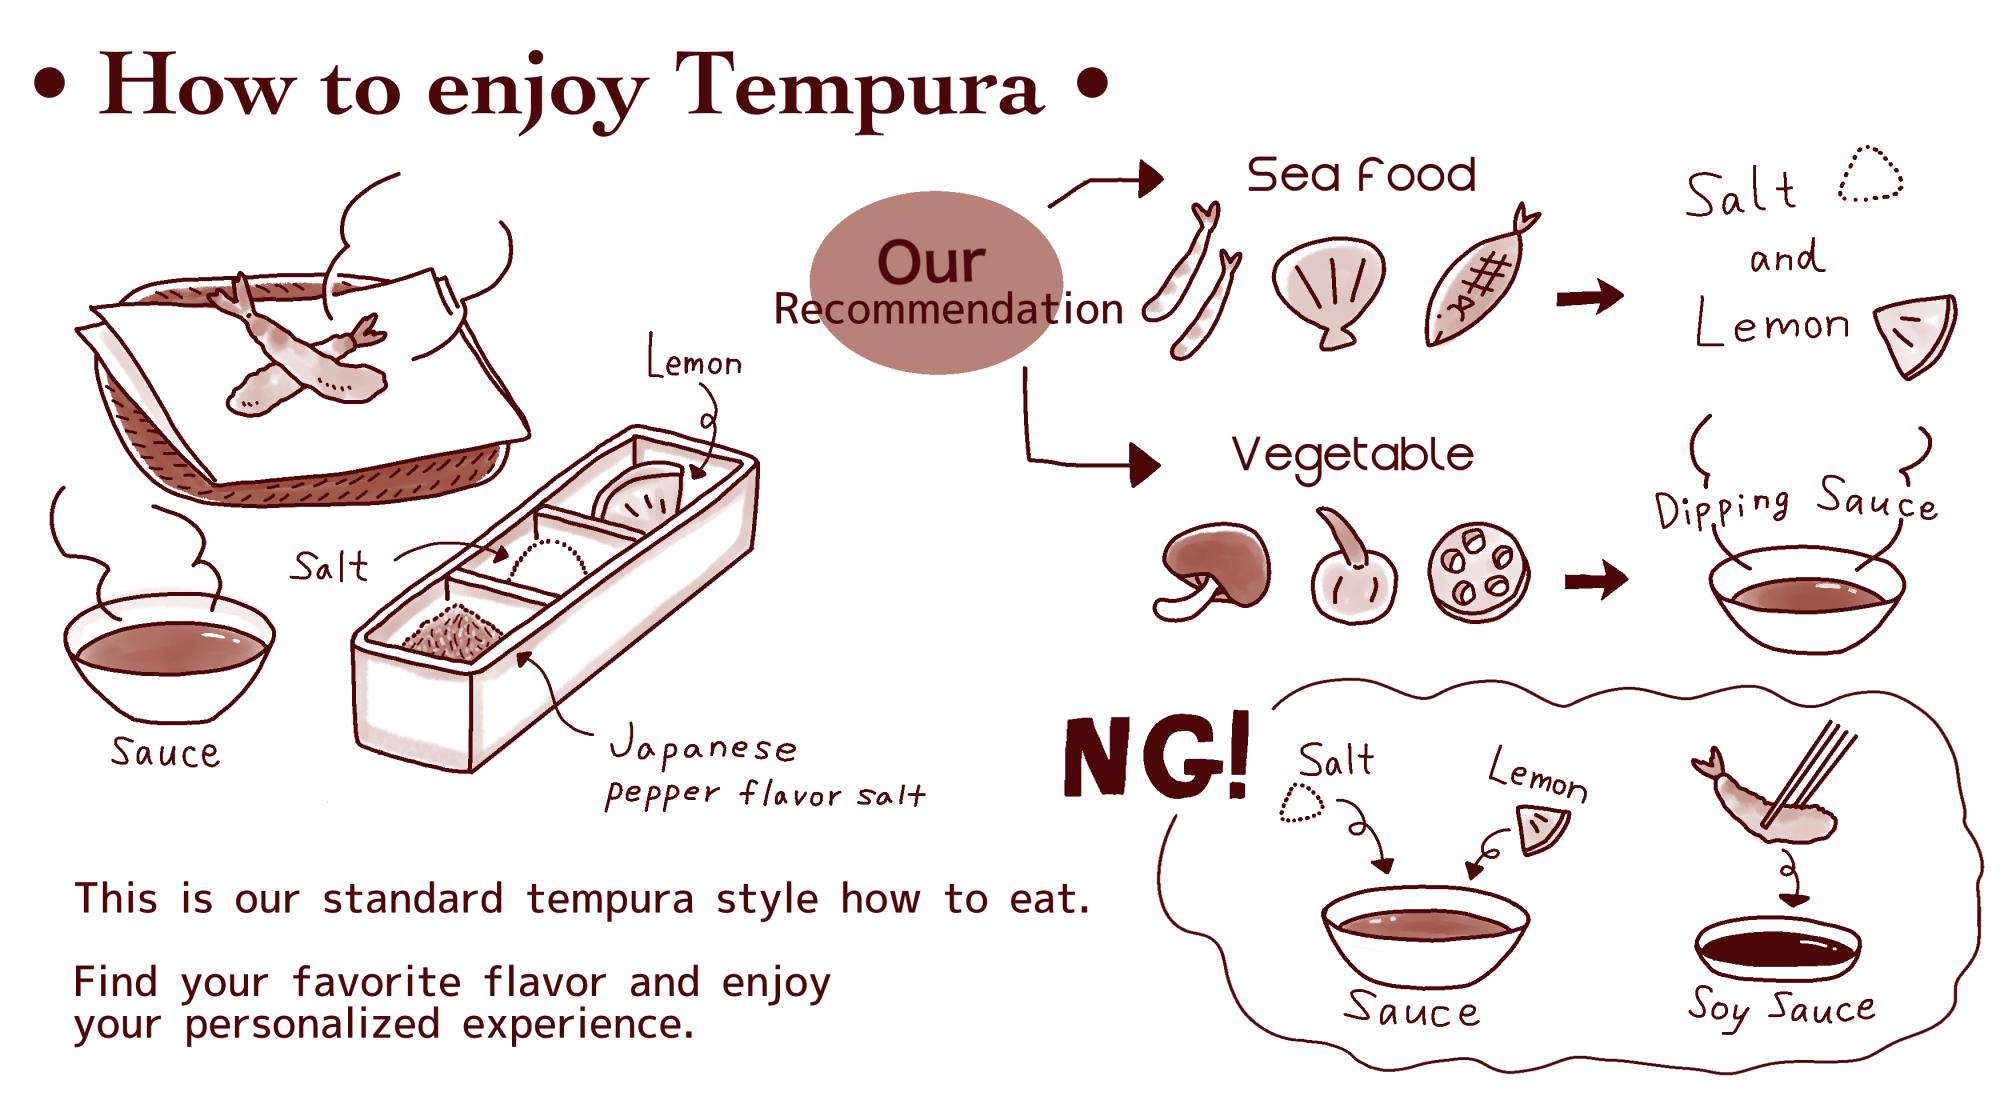 料理旅館「吉川」外国旅行客のための天ぷらの食べ方指南イラスト